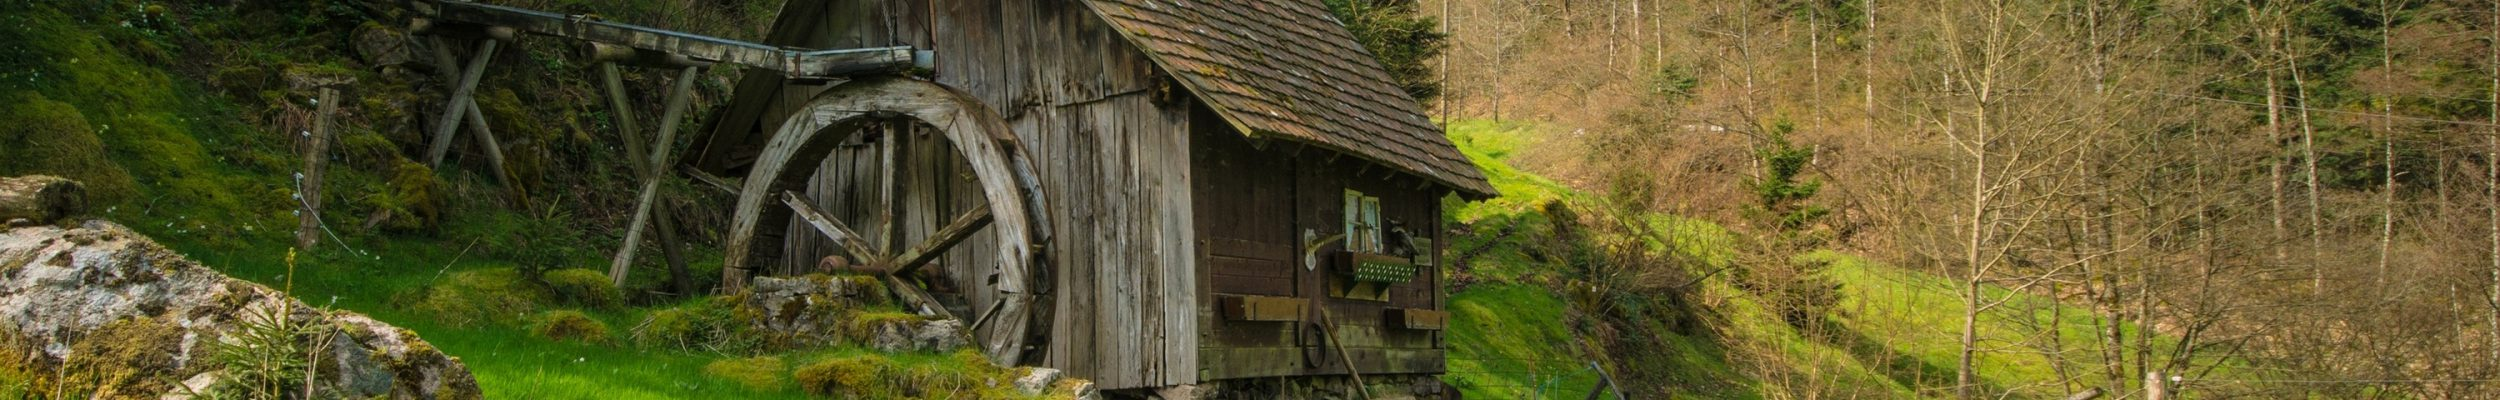 Foto einer alten Wassermühle